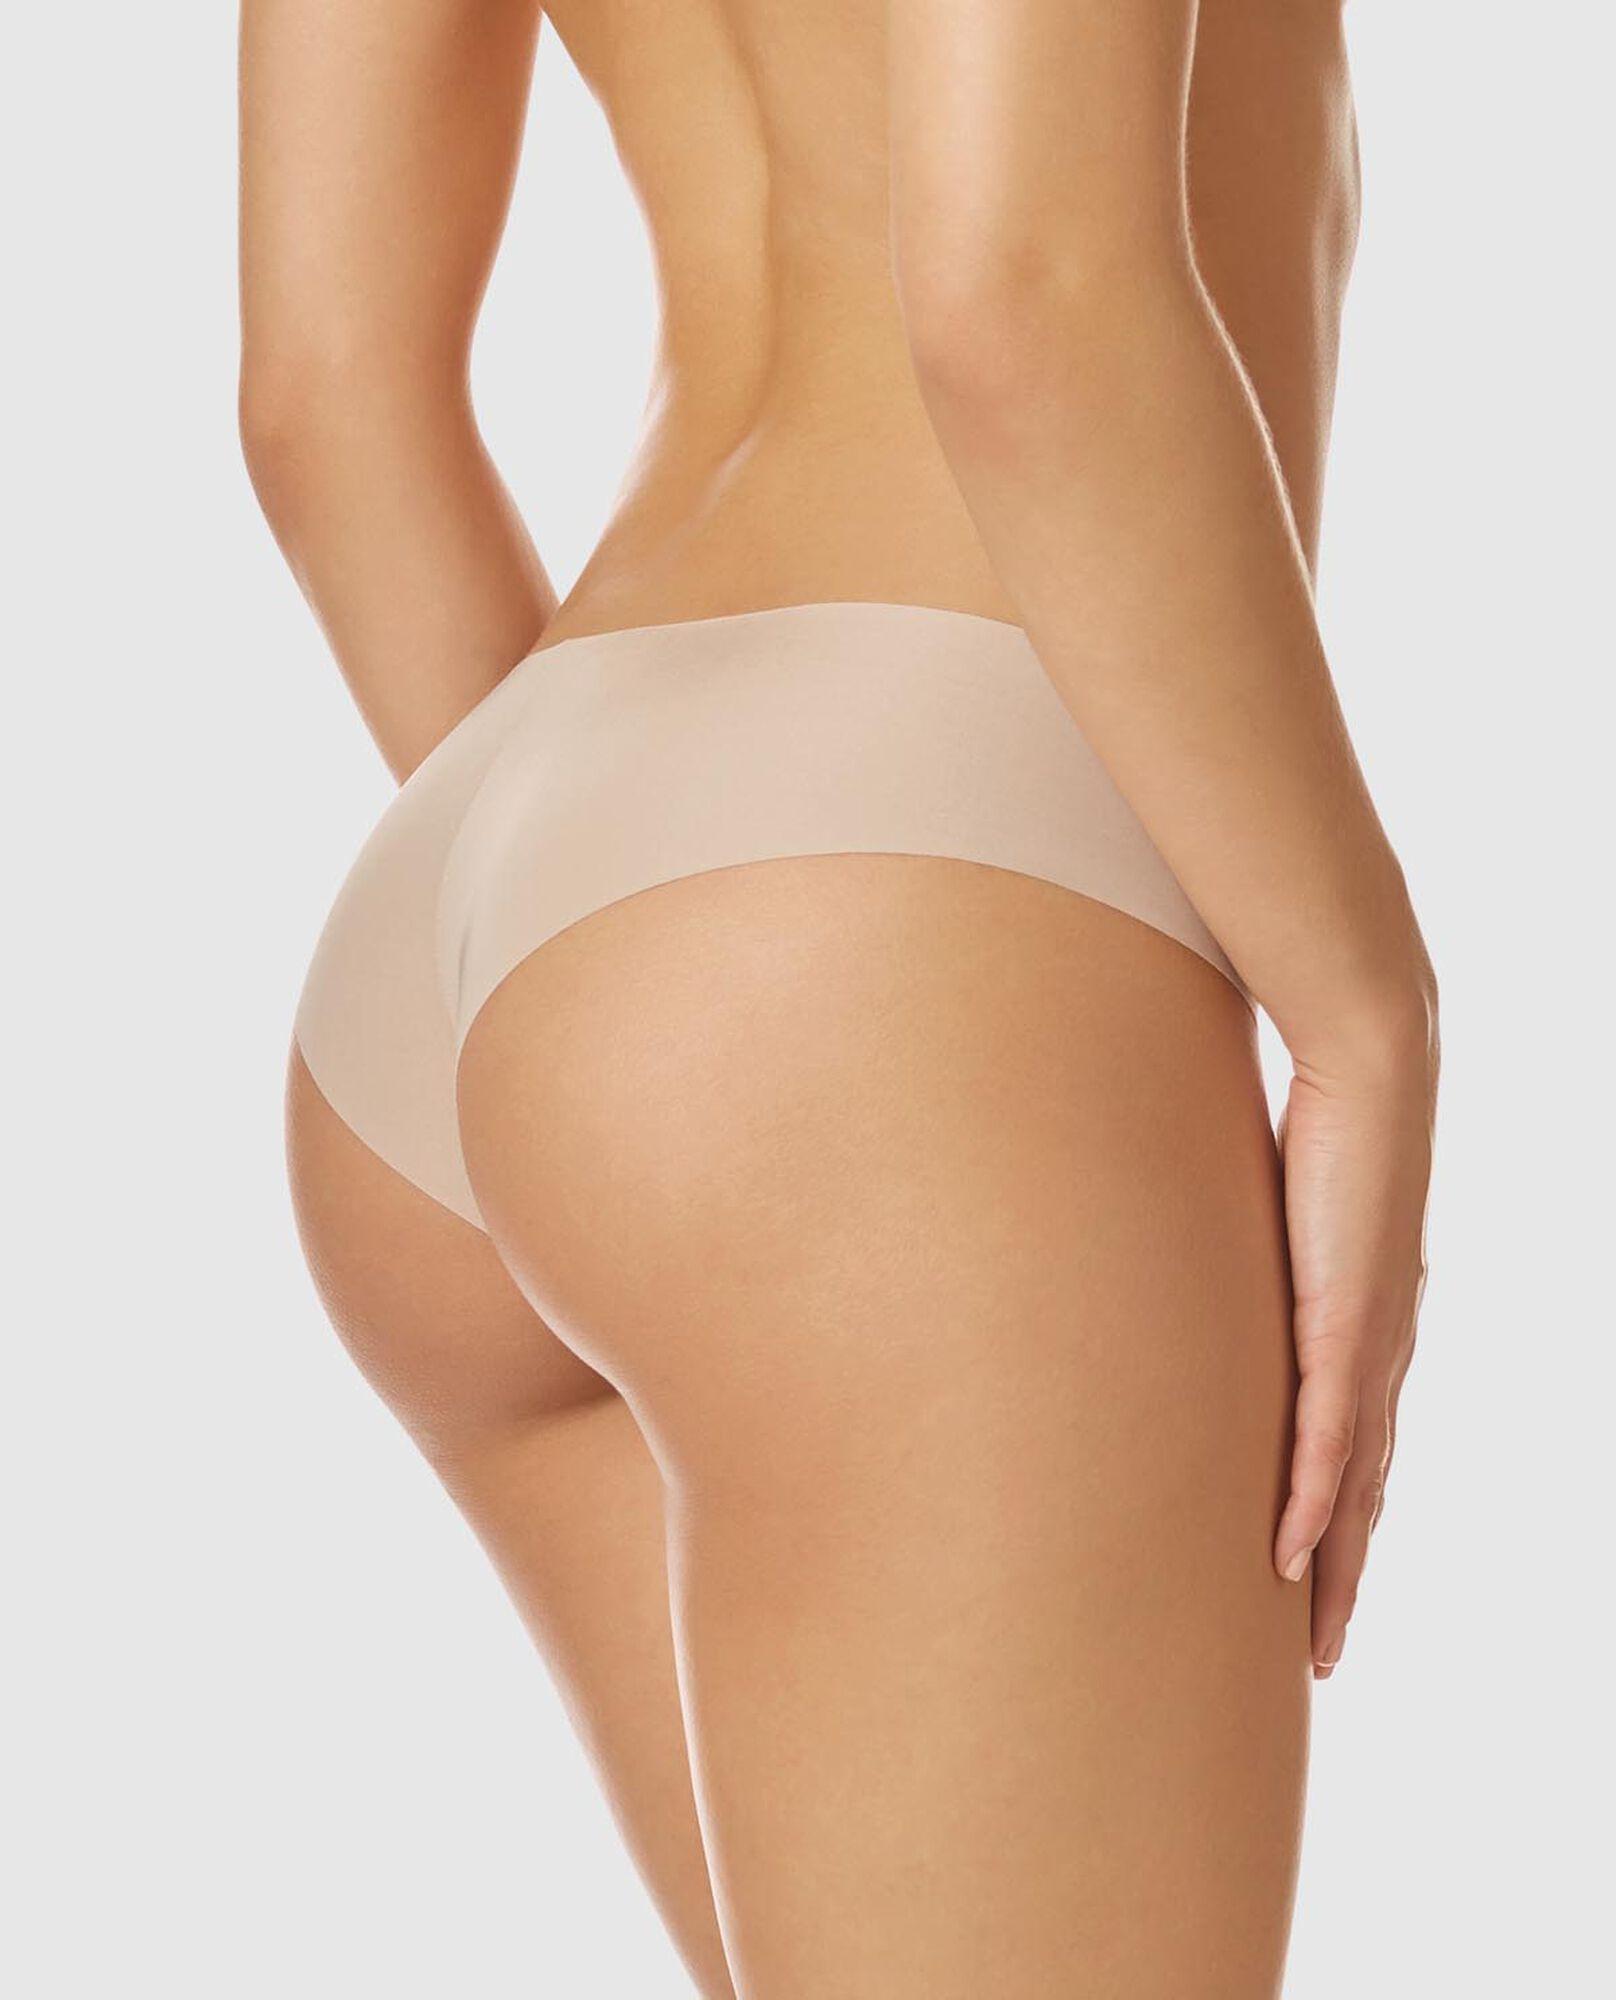 6868ba230bd1 Brazilian Panty - No Show Collection | La Senza Lingerie